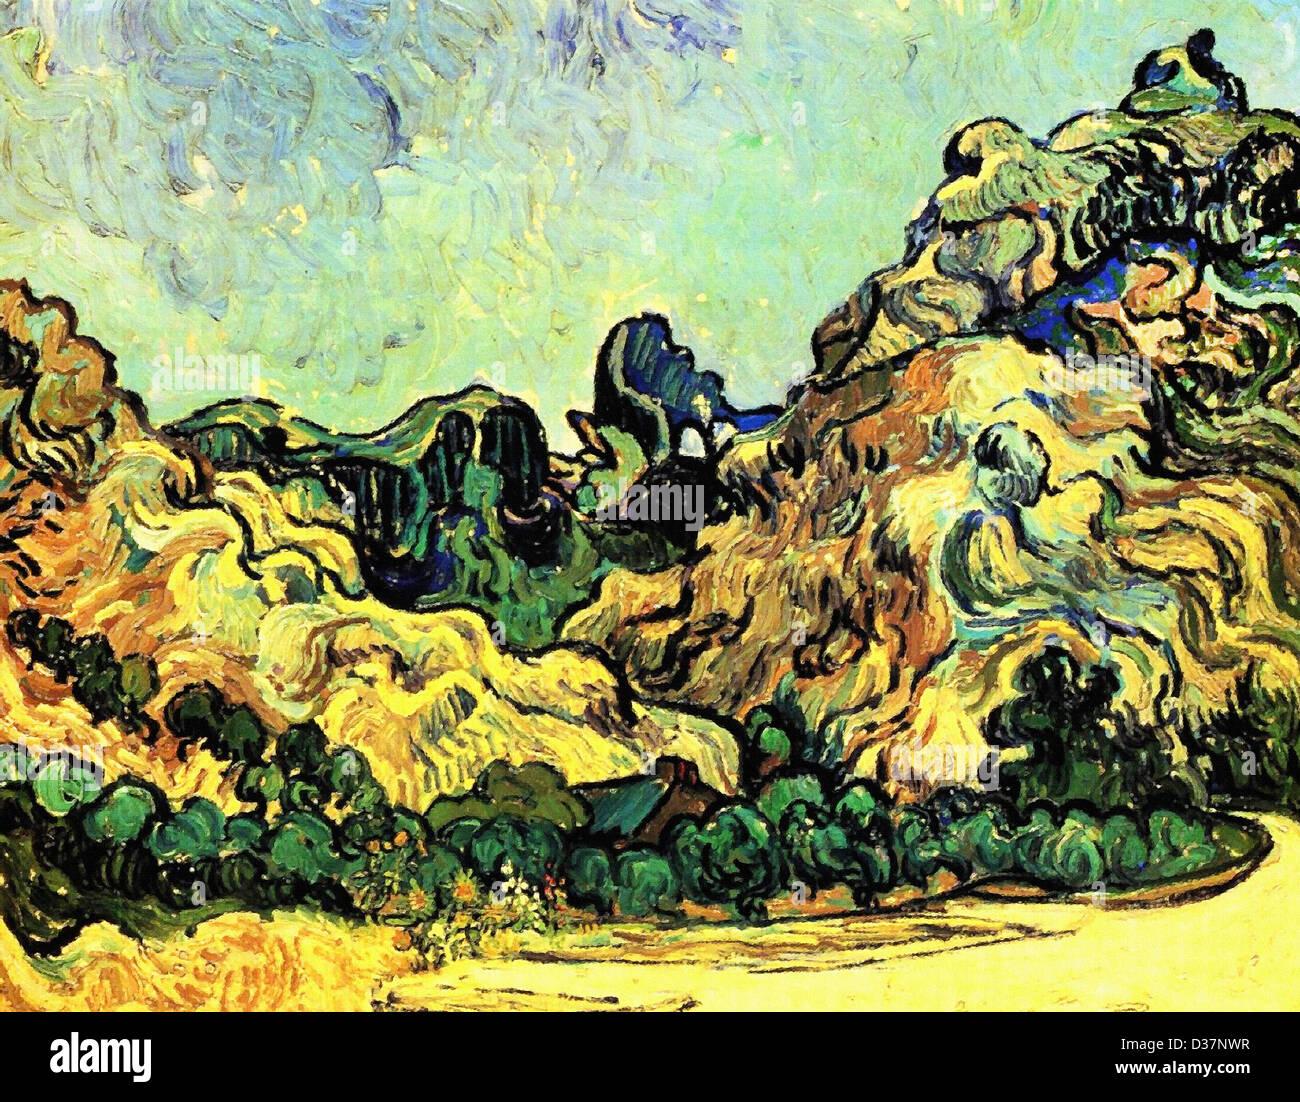 Vincent Van Gogh, Berge bei Saint-Remy mit dunklen Hütte. 1889. Post-Impressionismus. Öl auf Leinwand. Stockbild